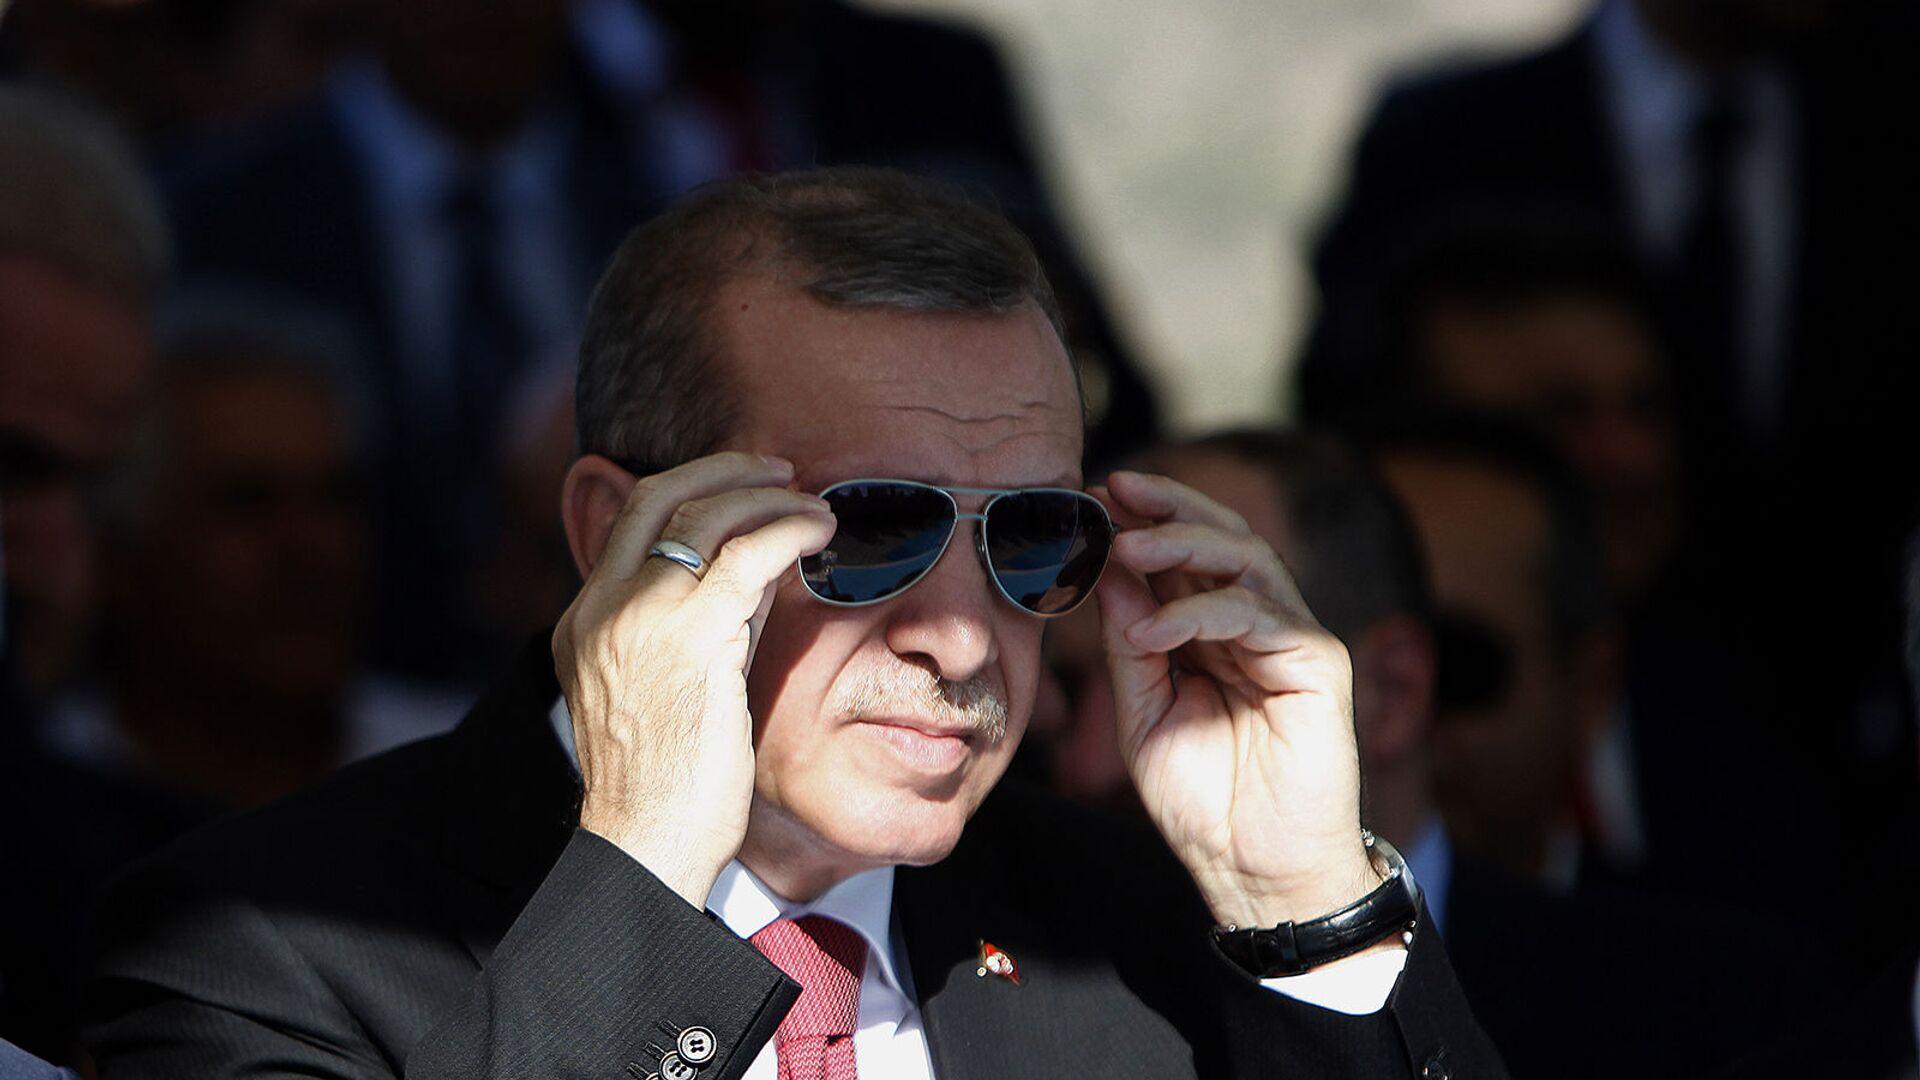 Президент Турции Реджеп Тайип Эрдоган поправляет солнцезащитные очки - Sputnik Армения, 1920, 03.09.2021